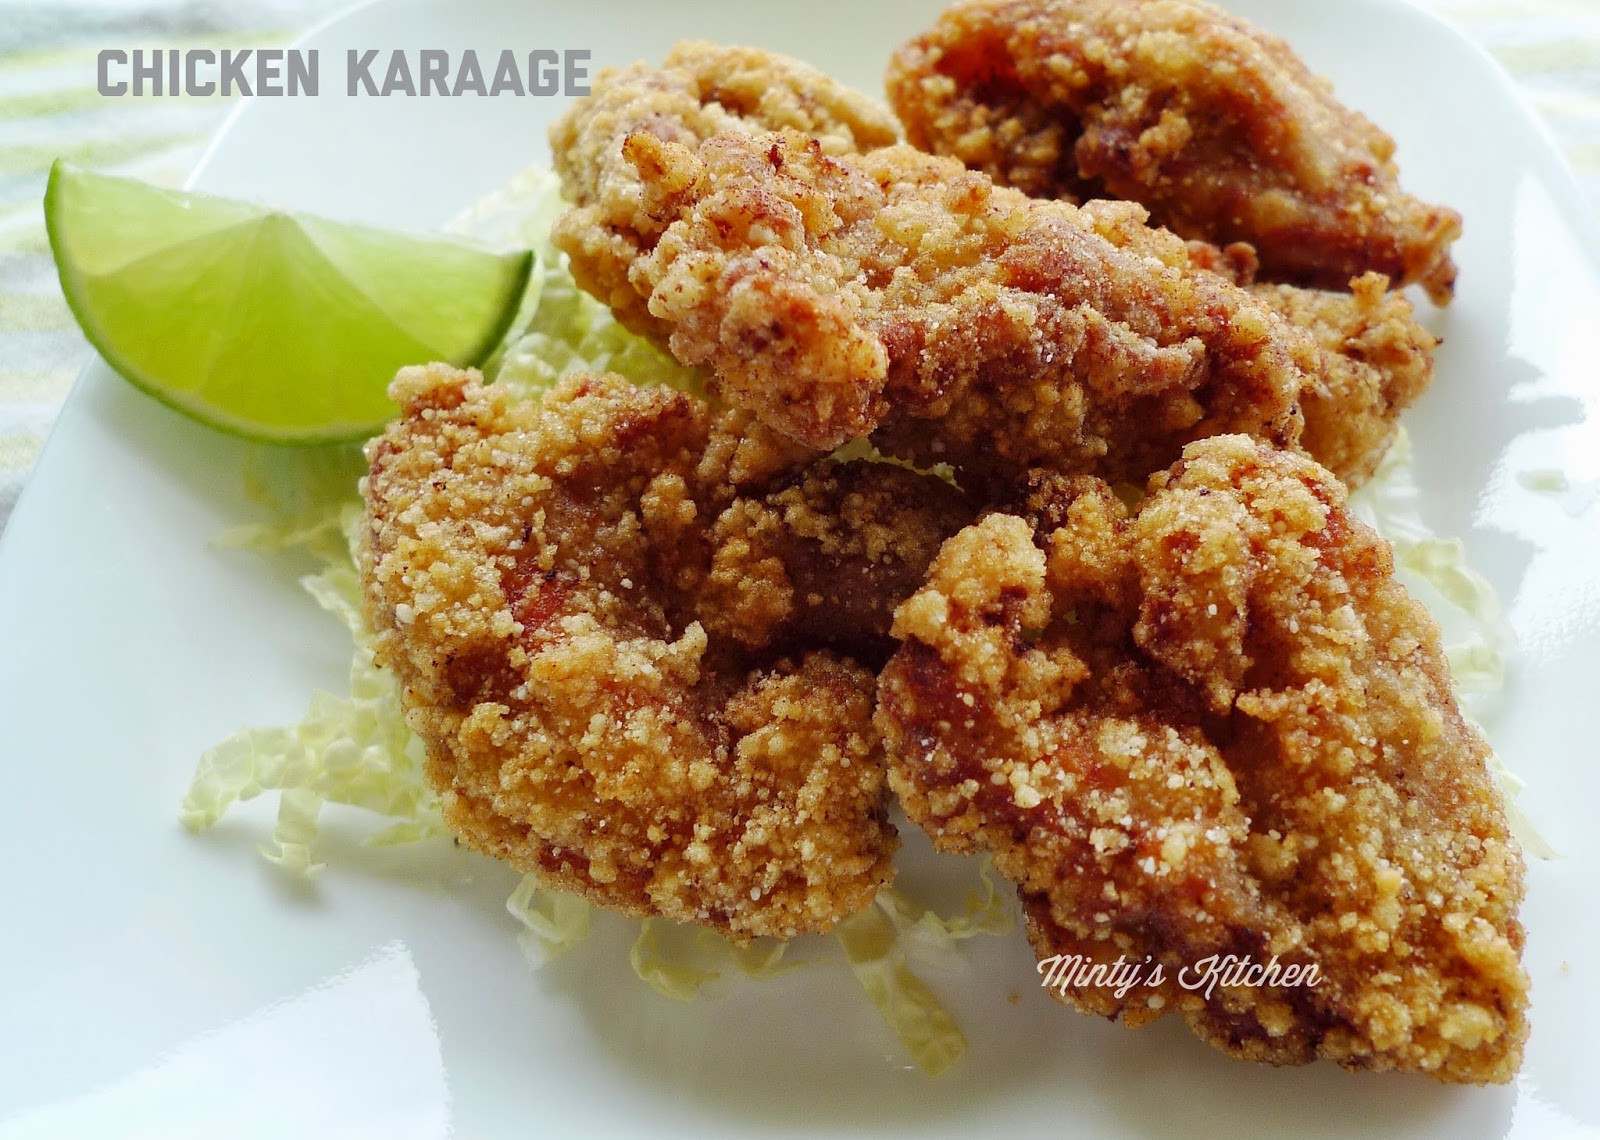 Japanese Fried Chicken  Minty s Kitchen Chicken Karaage Japanese Fried Chicken